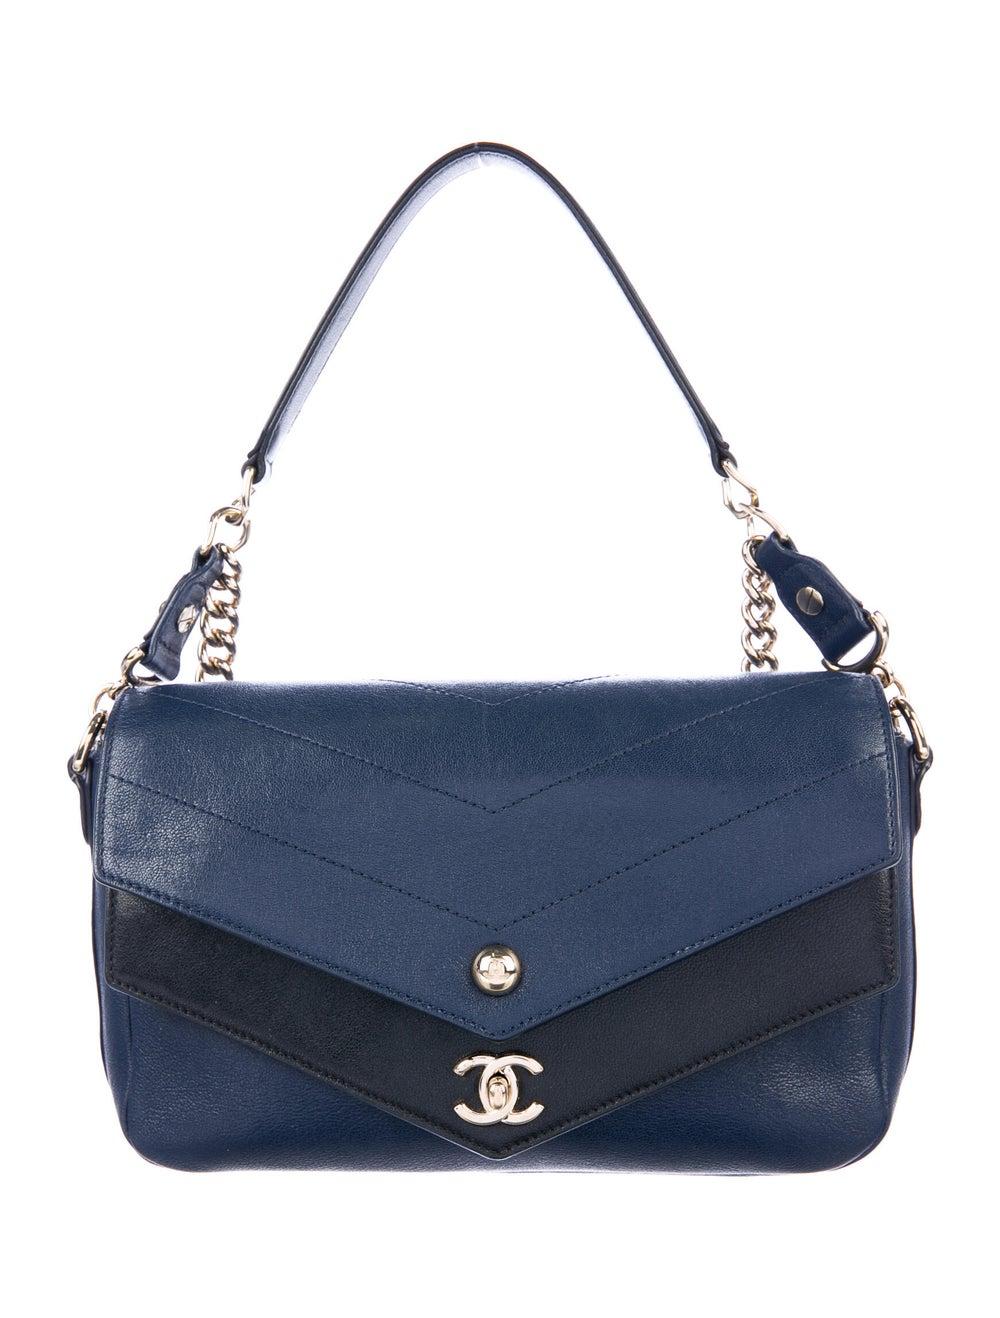 Chanel Paris-Hamburg Double Chevron Flap Bag Blue - image 1